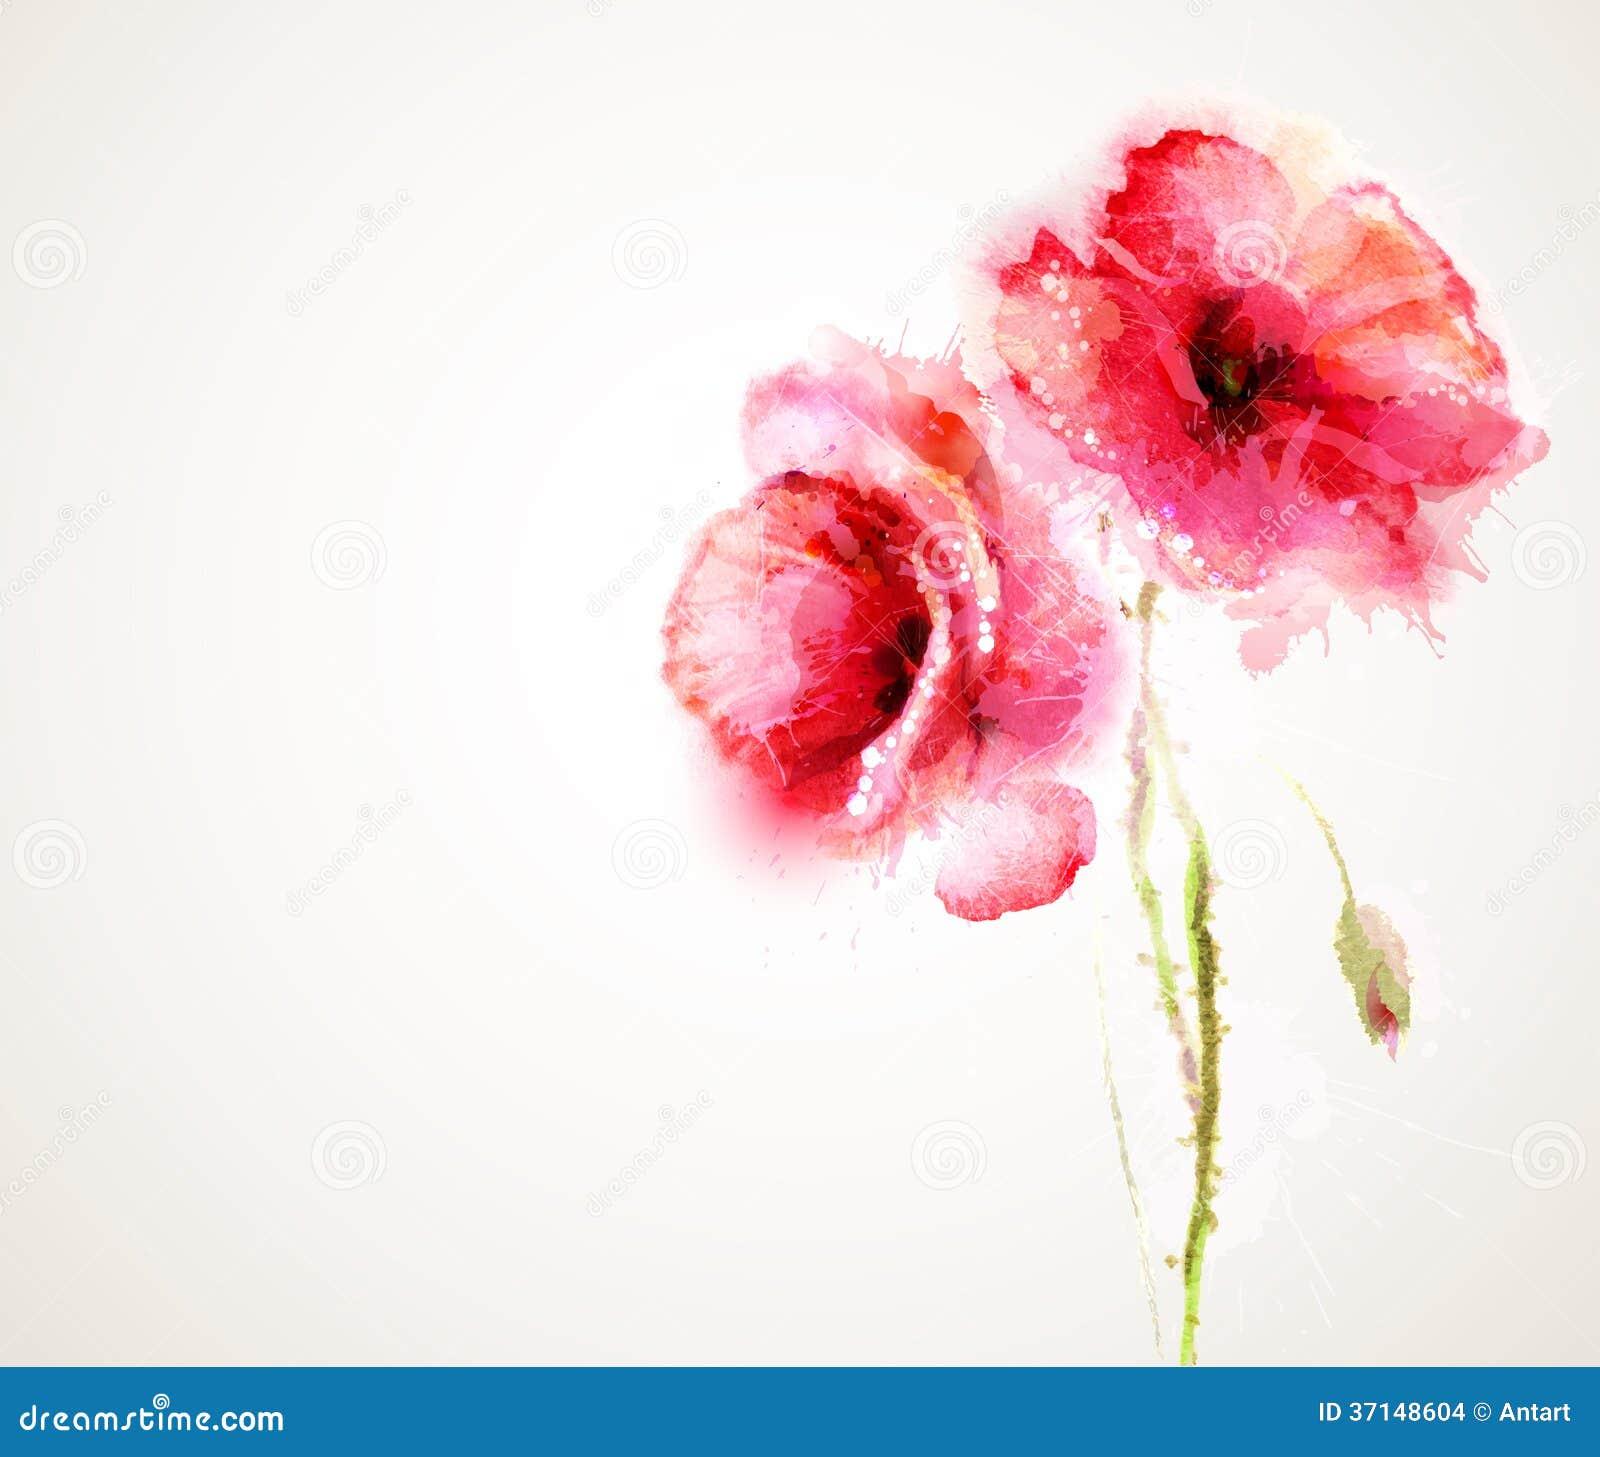 Die blühenden roten Mohnblumen